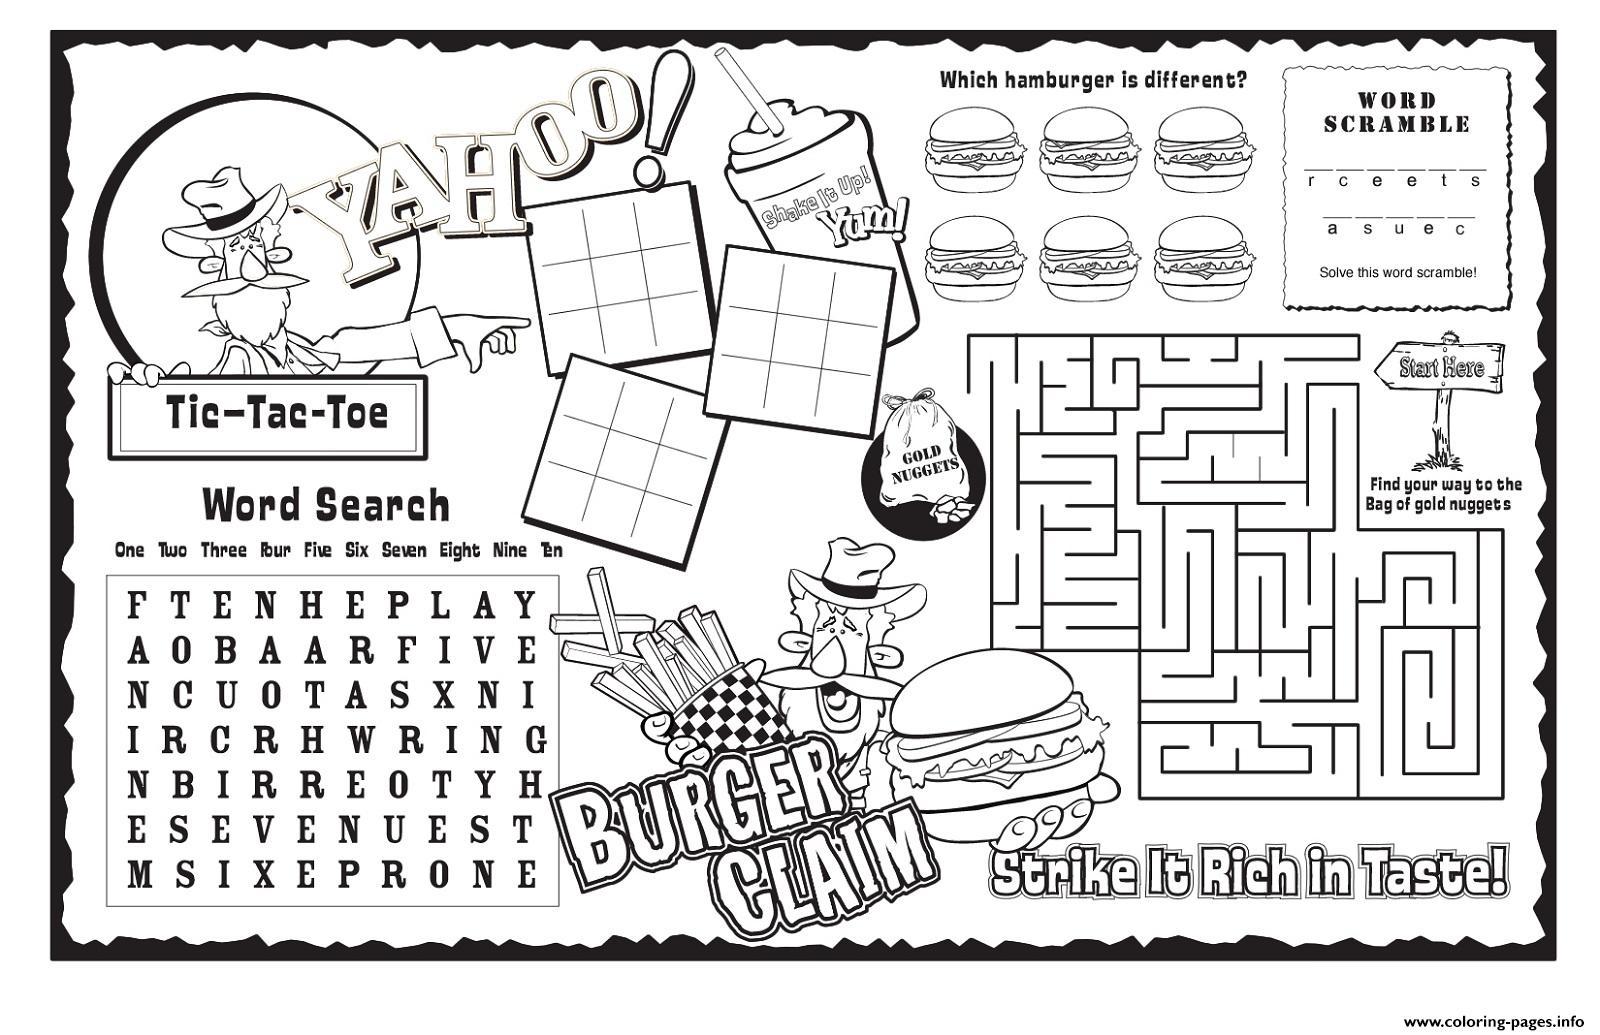 Burger Claim Kids Activity Sheet Free Coloring Pages Printable - Free Printable Activity Sheets For Kids